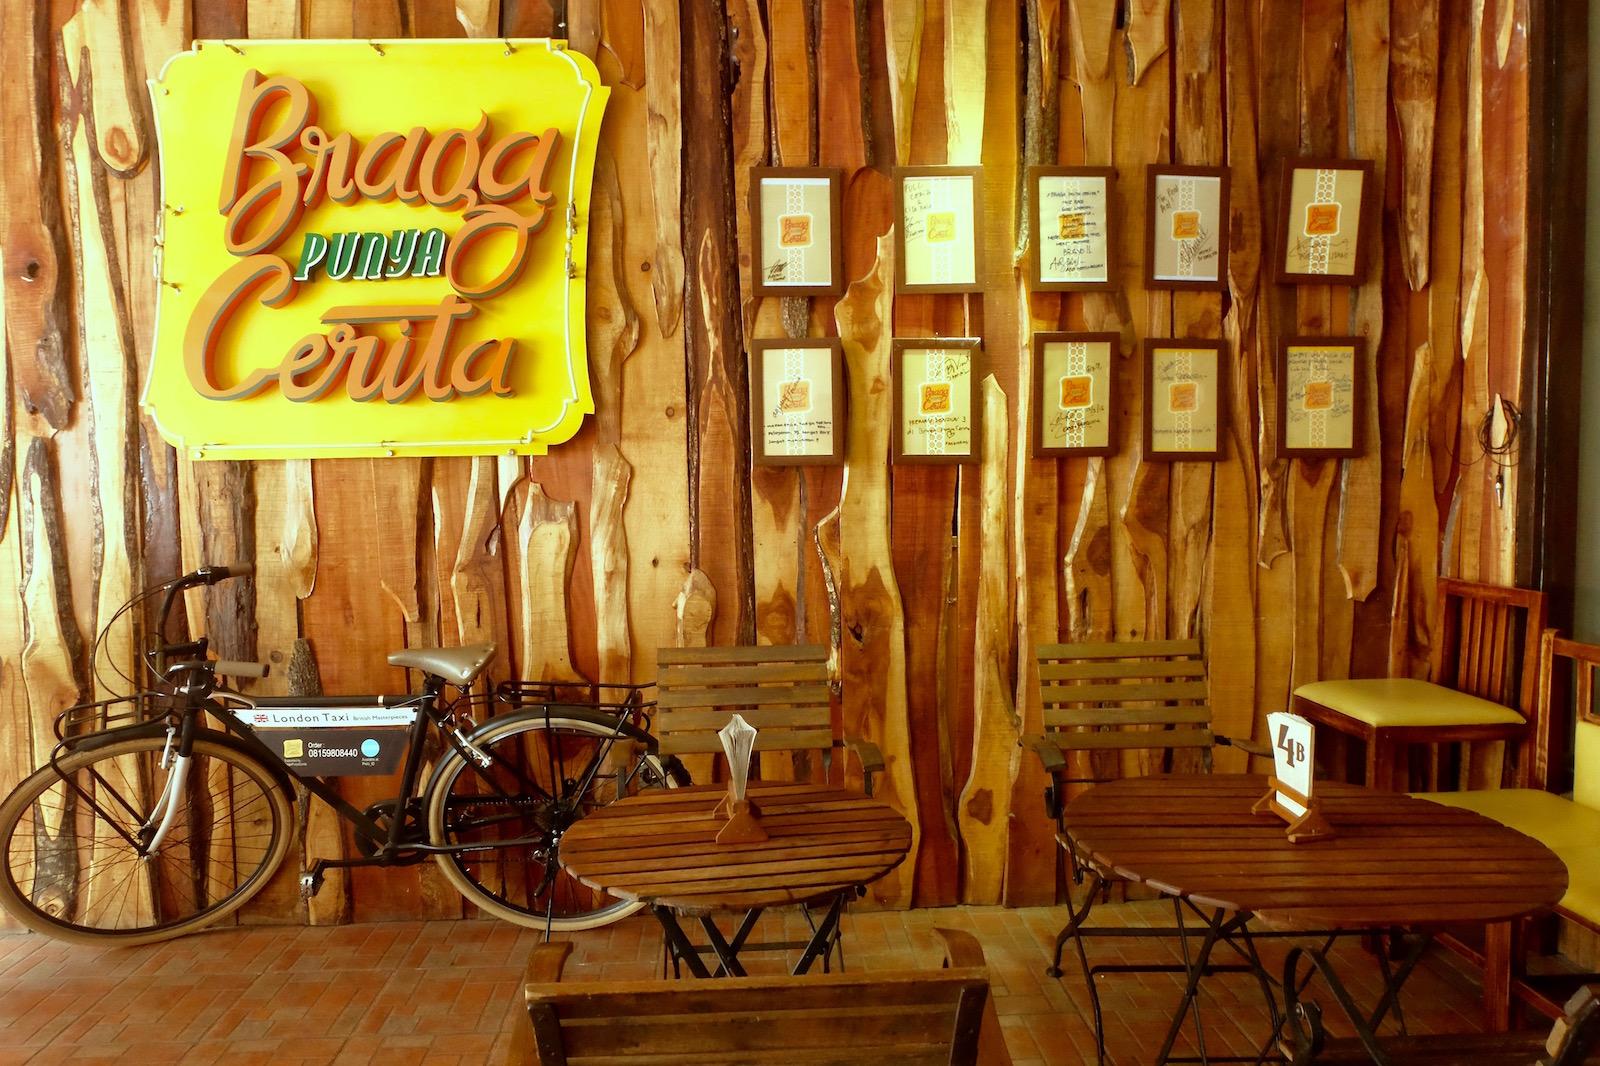 Feeling So In Love with Bandung at Braga Punya Cerita